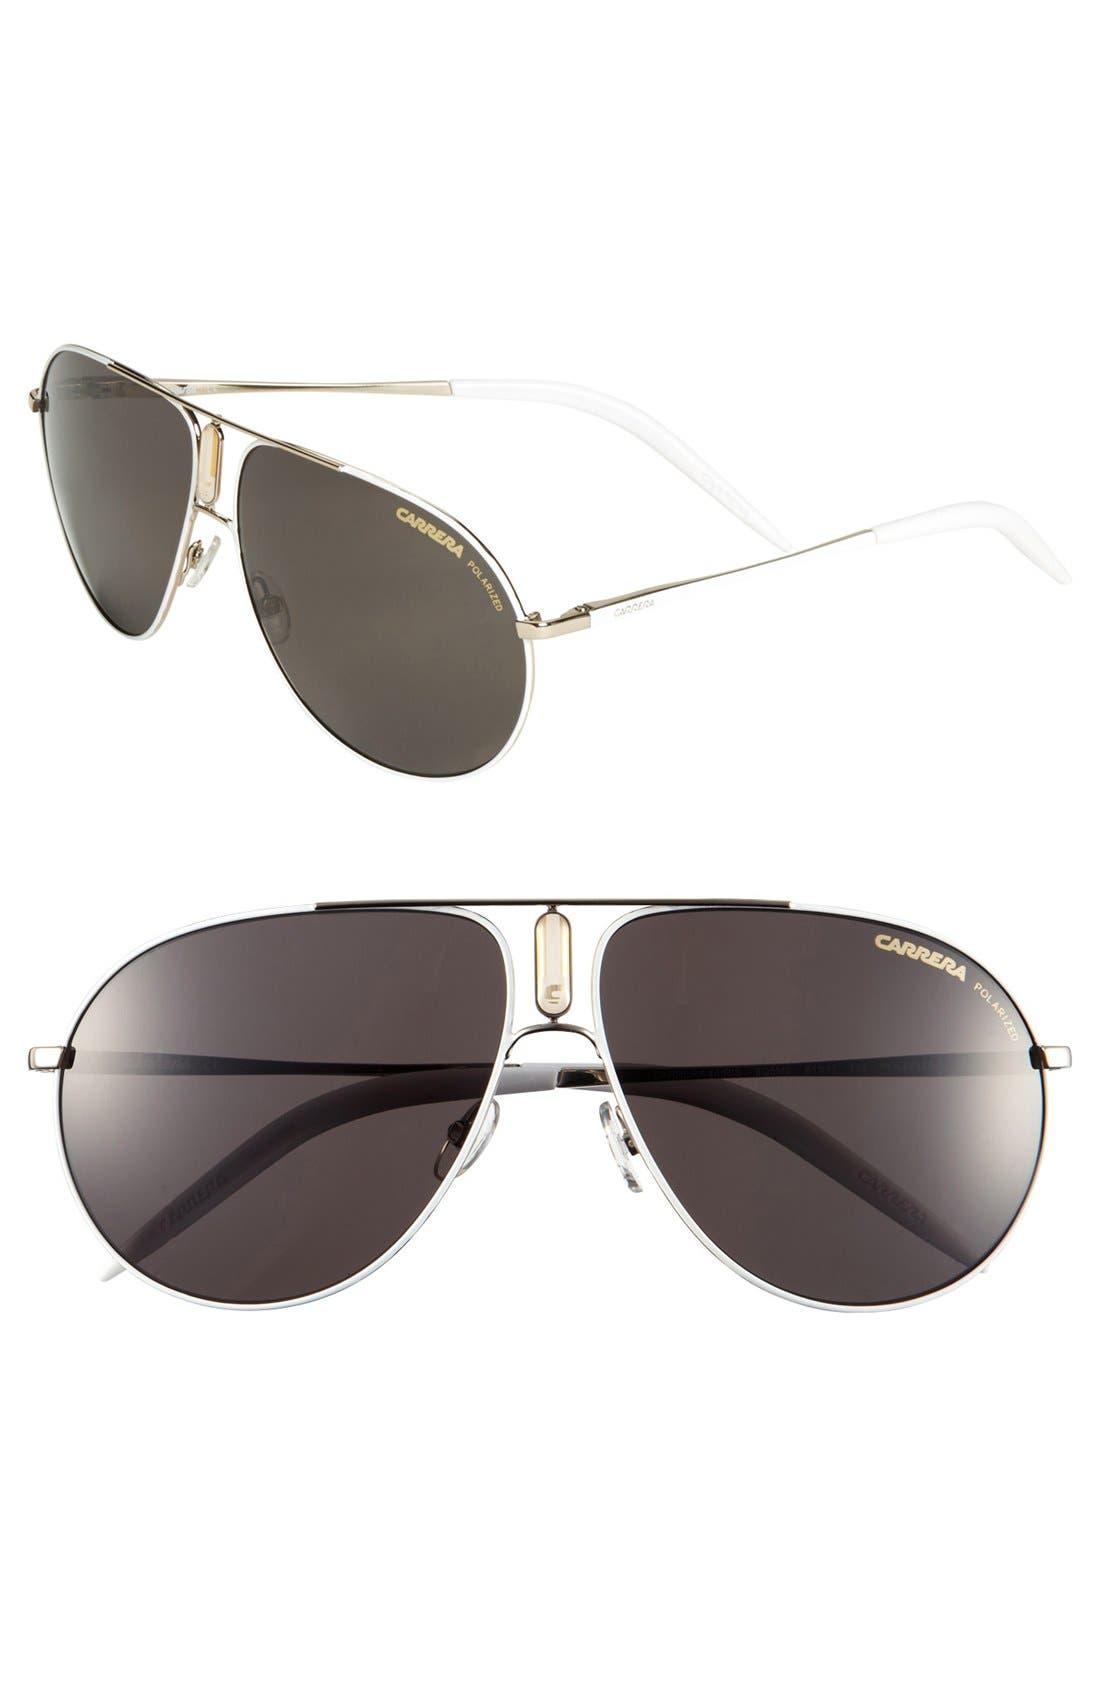 Alternate Image 1 Selected - Carrera Eyewear 61mm Polarized Sunglasses